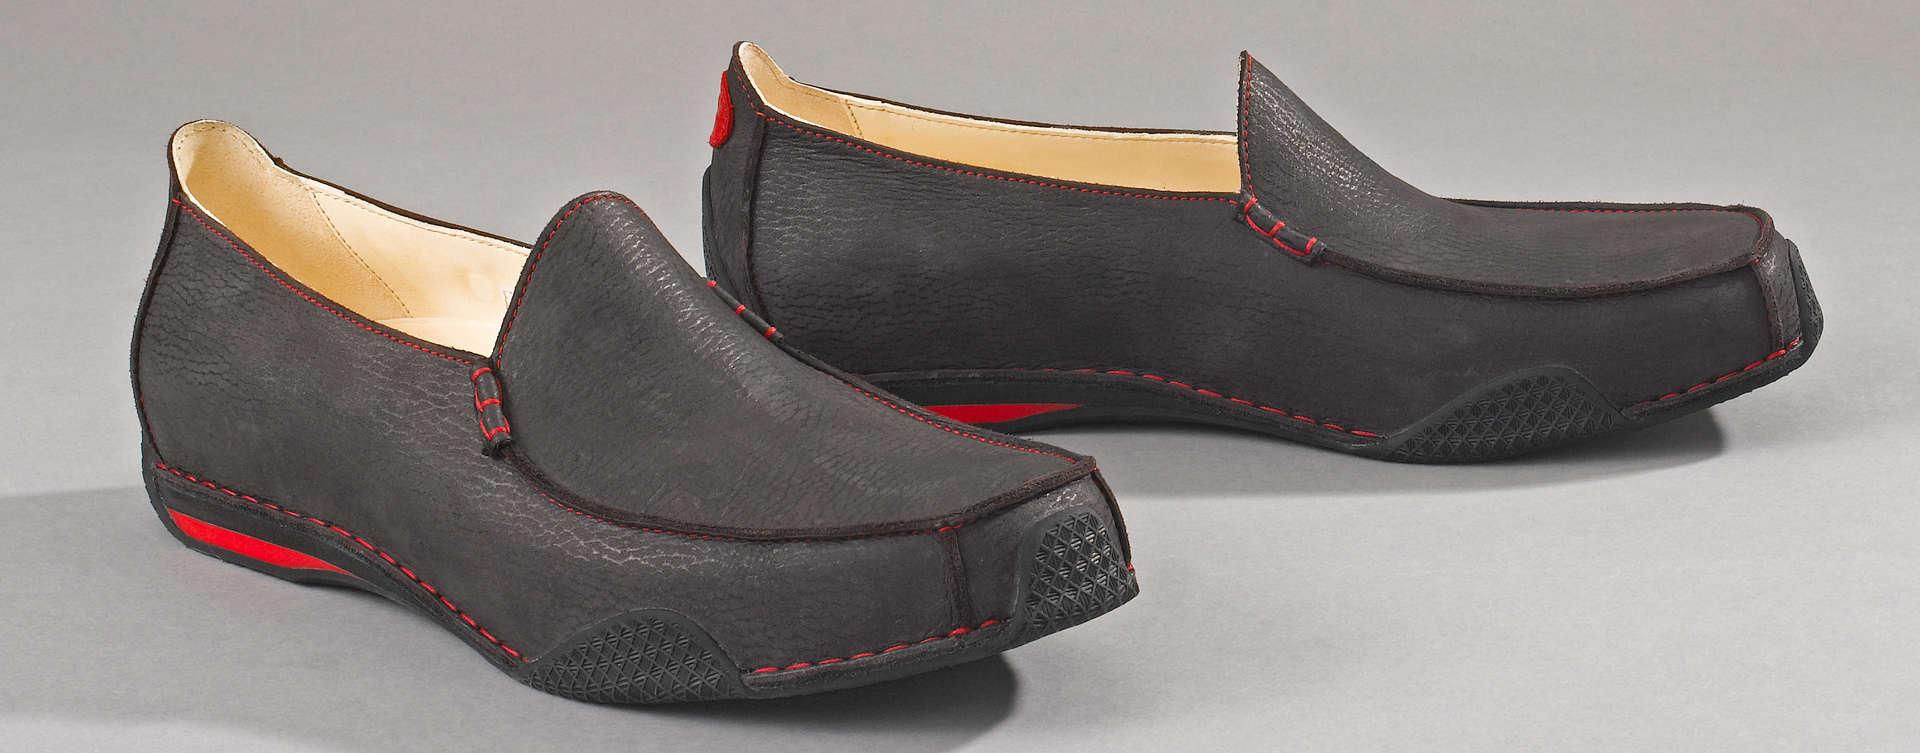 Als Hommage an einen der ursprünglichsten Schuhtypen überhaupt haben wir mit Mokass eine bemerkenswerte Kombination geschaffen.